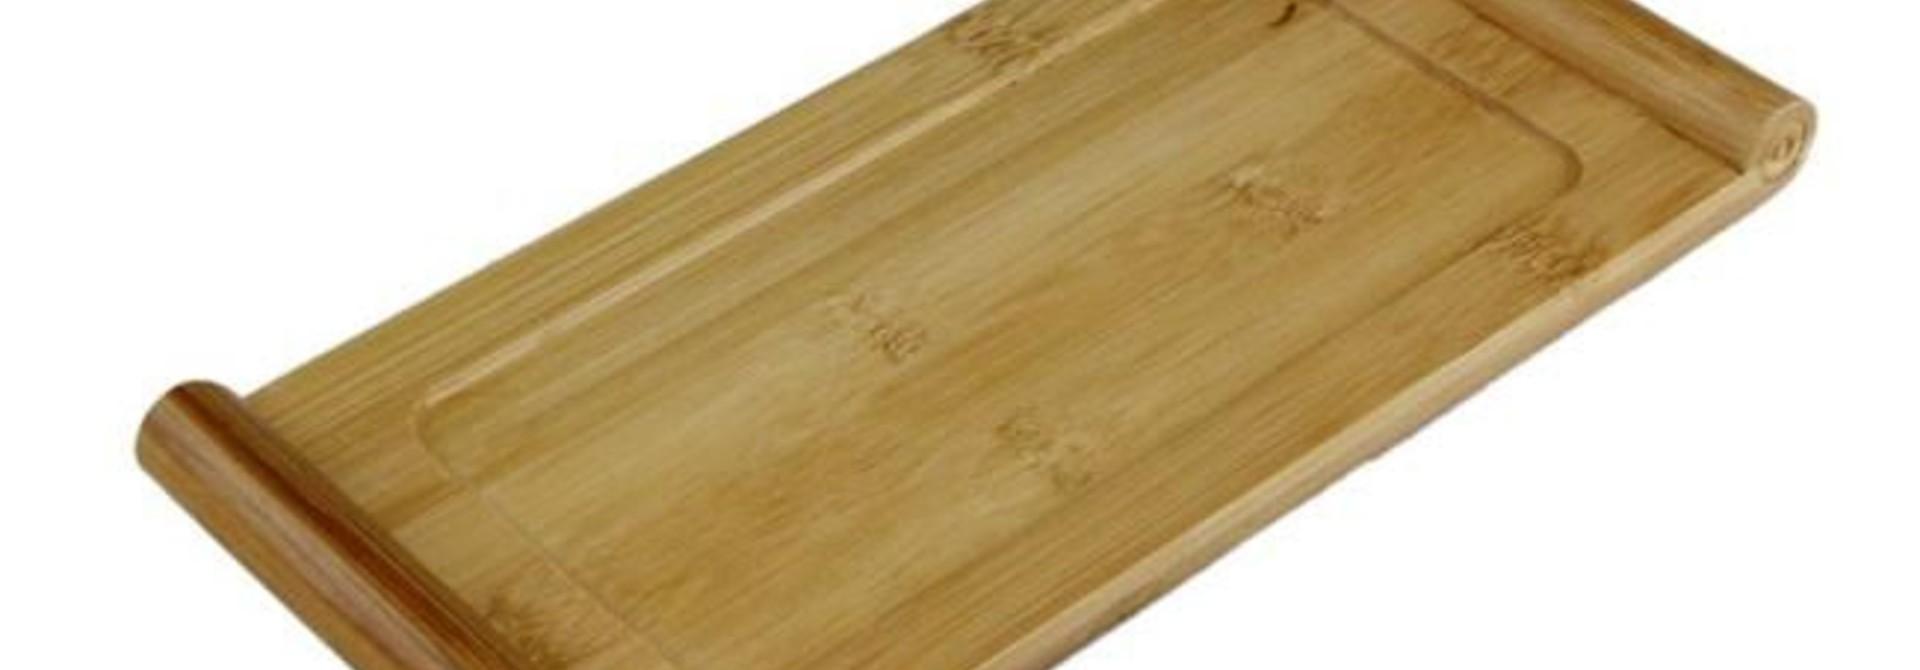 Bamboe onderlegger 27cm x 13cm